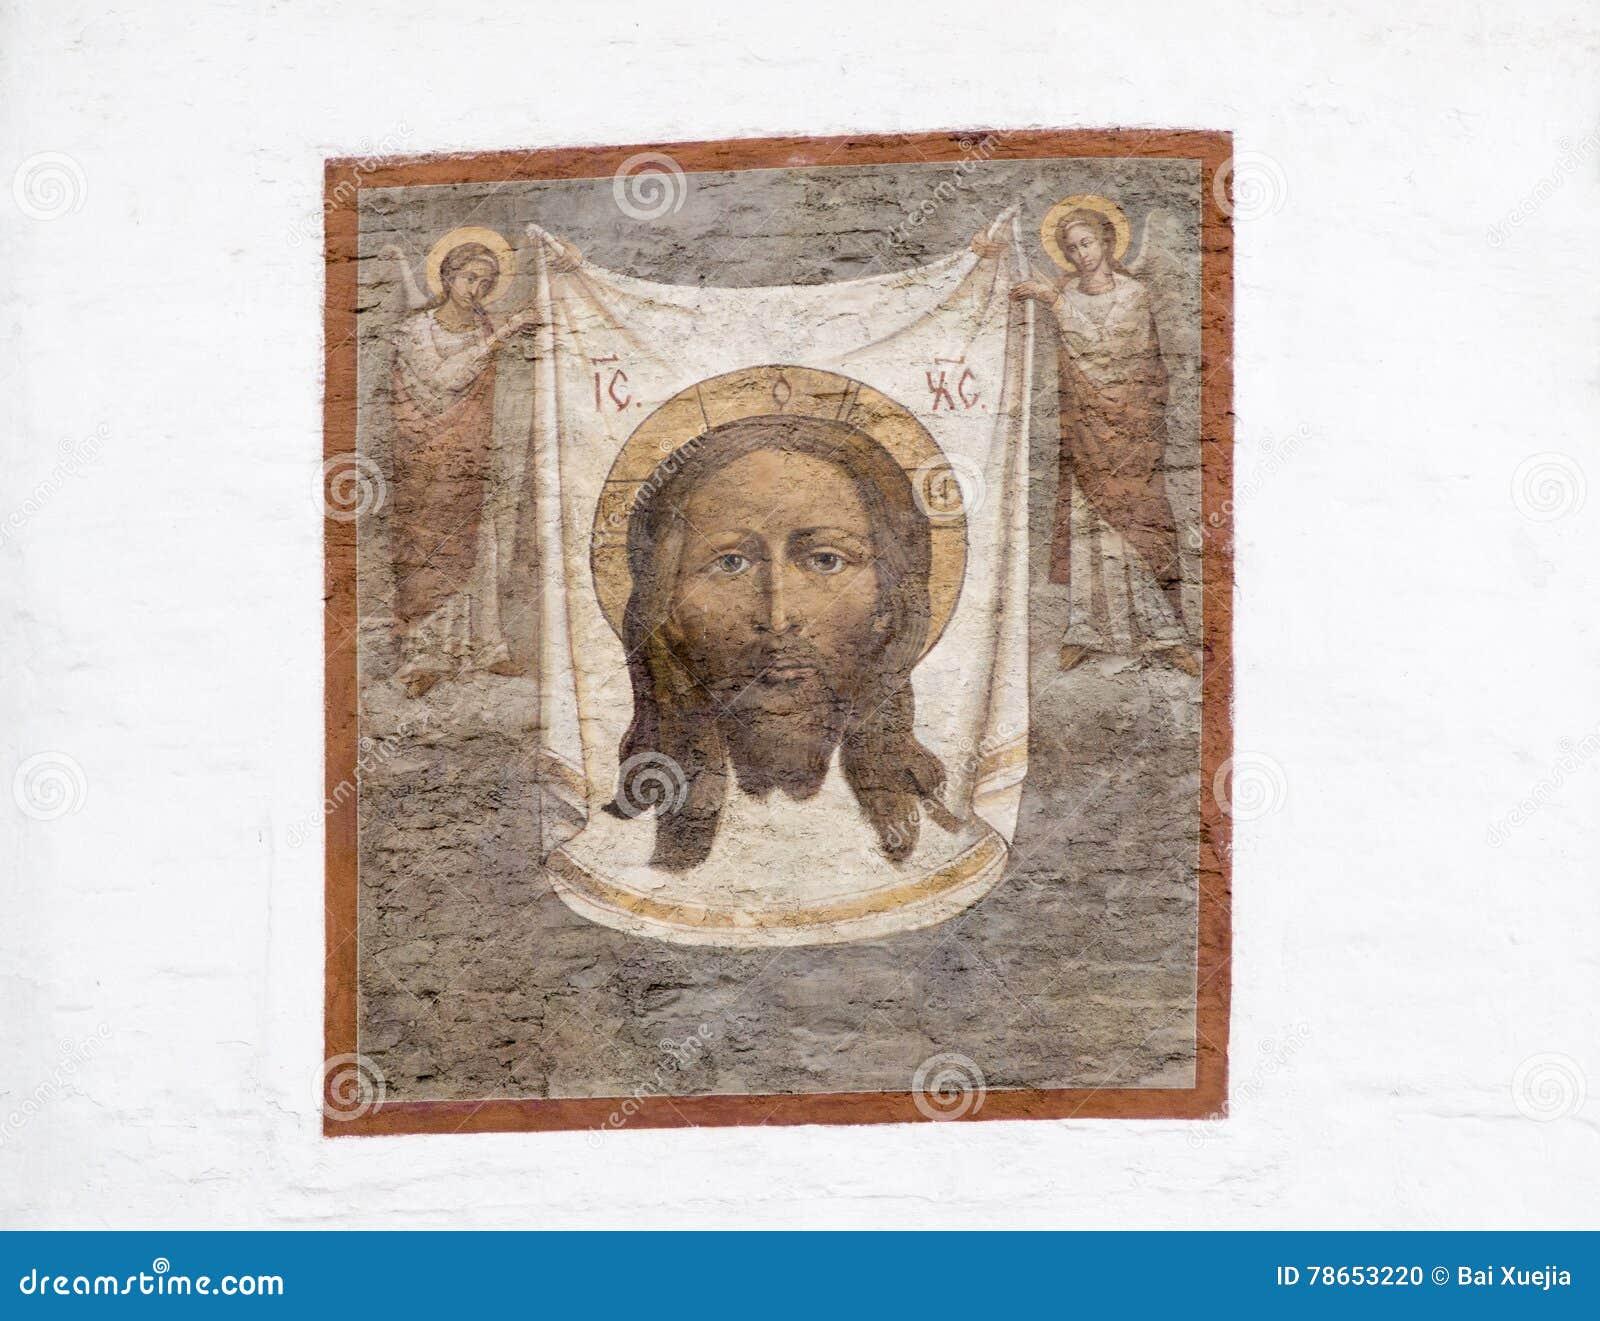 Настенная роспись в соборе christ спаситель, Иркутск, Российская Федерация